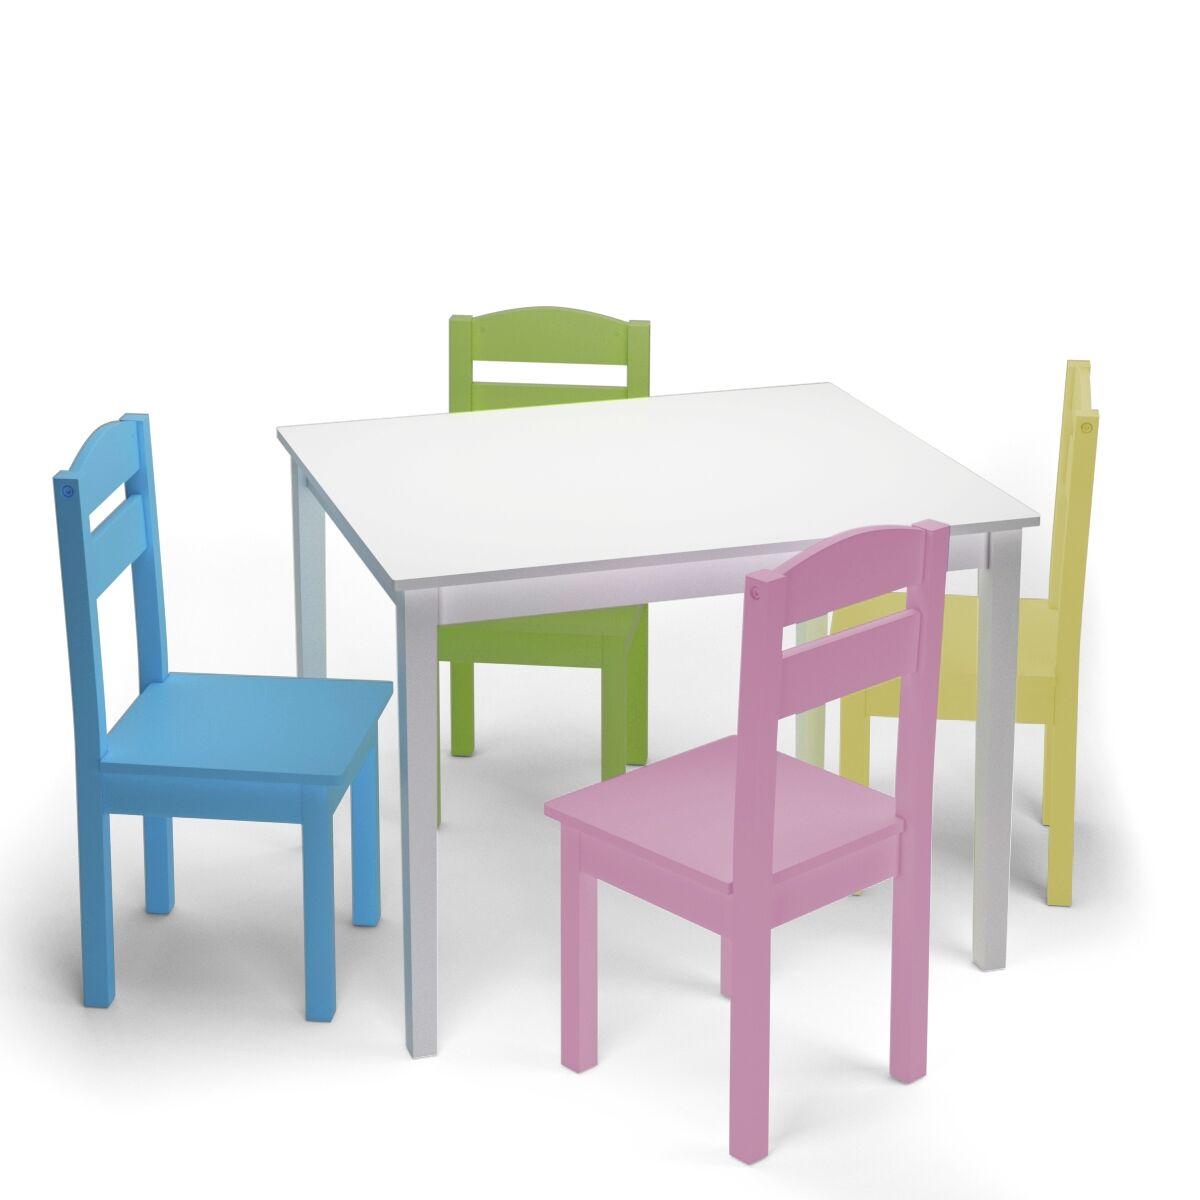 Costway Juego Mueble para Niños Mesa y 4 Sillas de Madera Escritorio para Infantil Dormitorio Sala de Juego Mesa Blanco